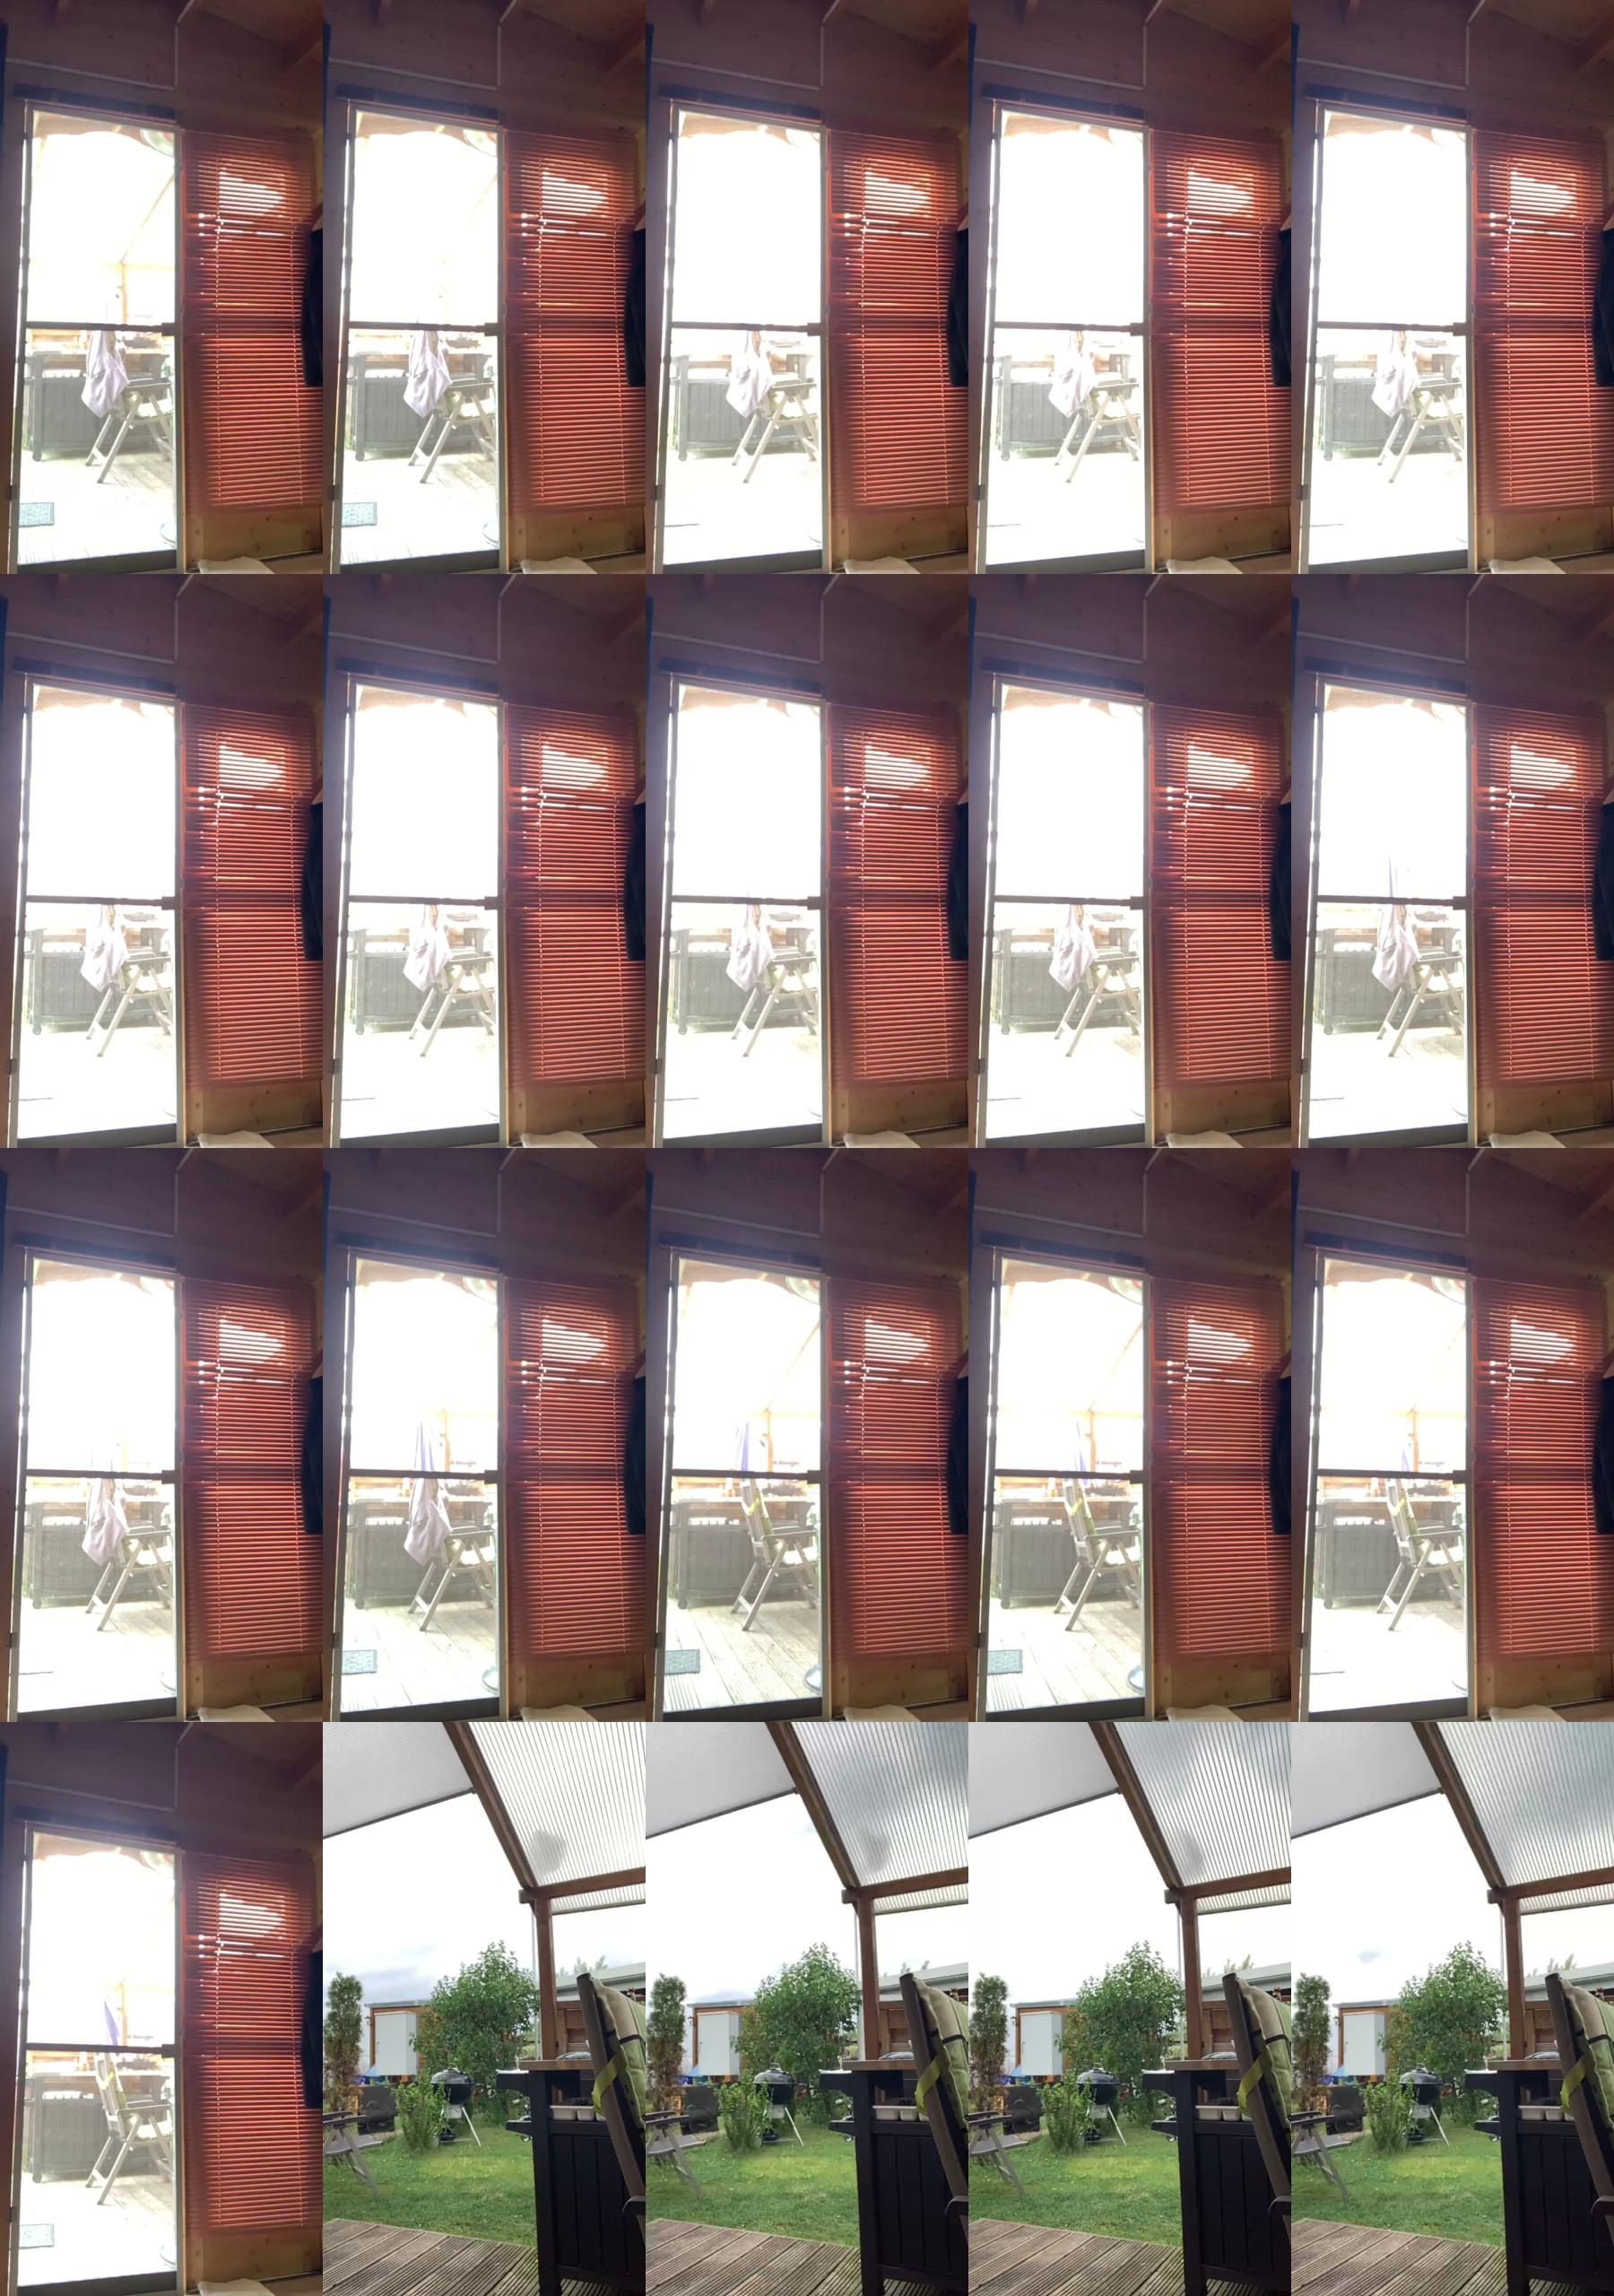 mattihunter Cam4 12-06-2021 Recorded Video Download